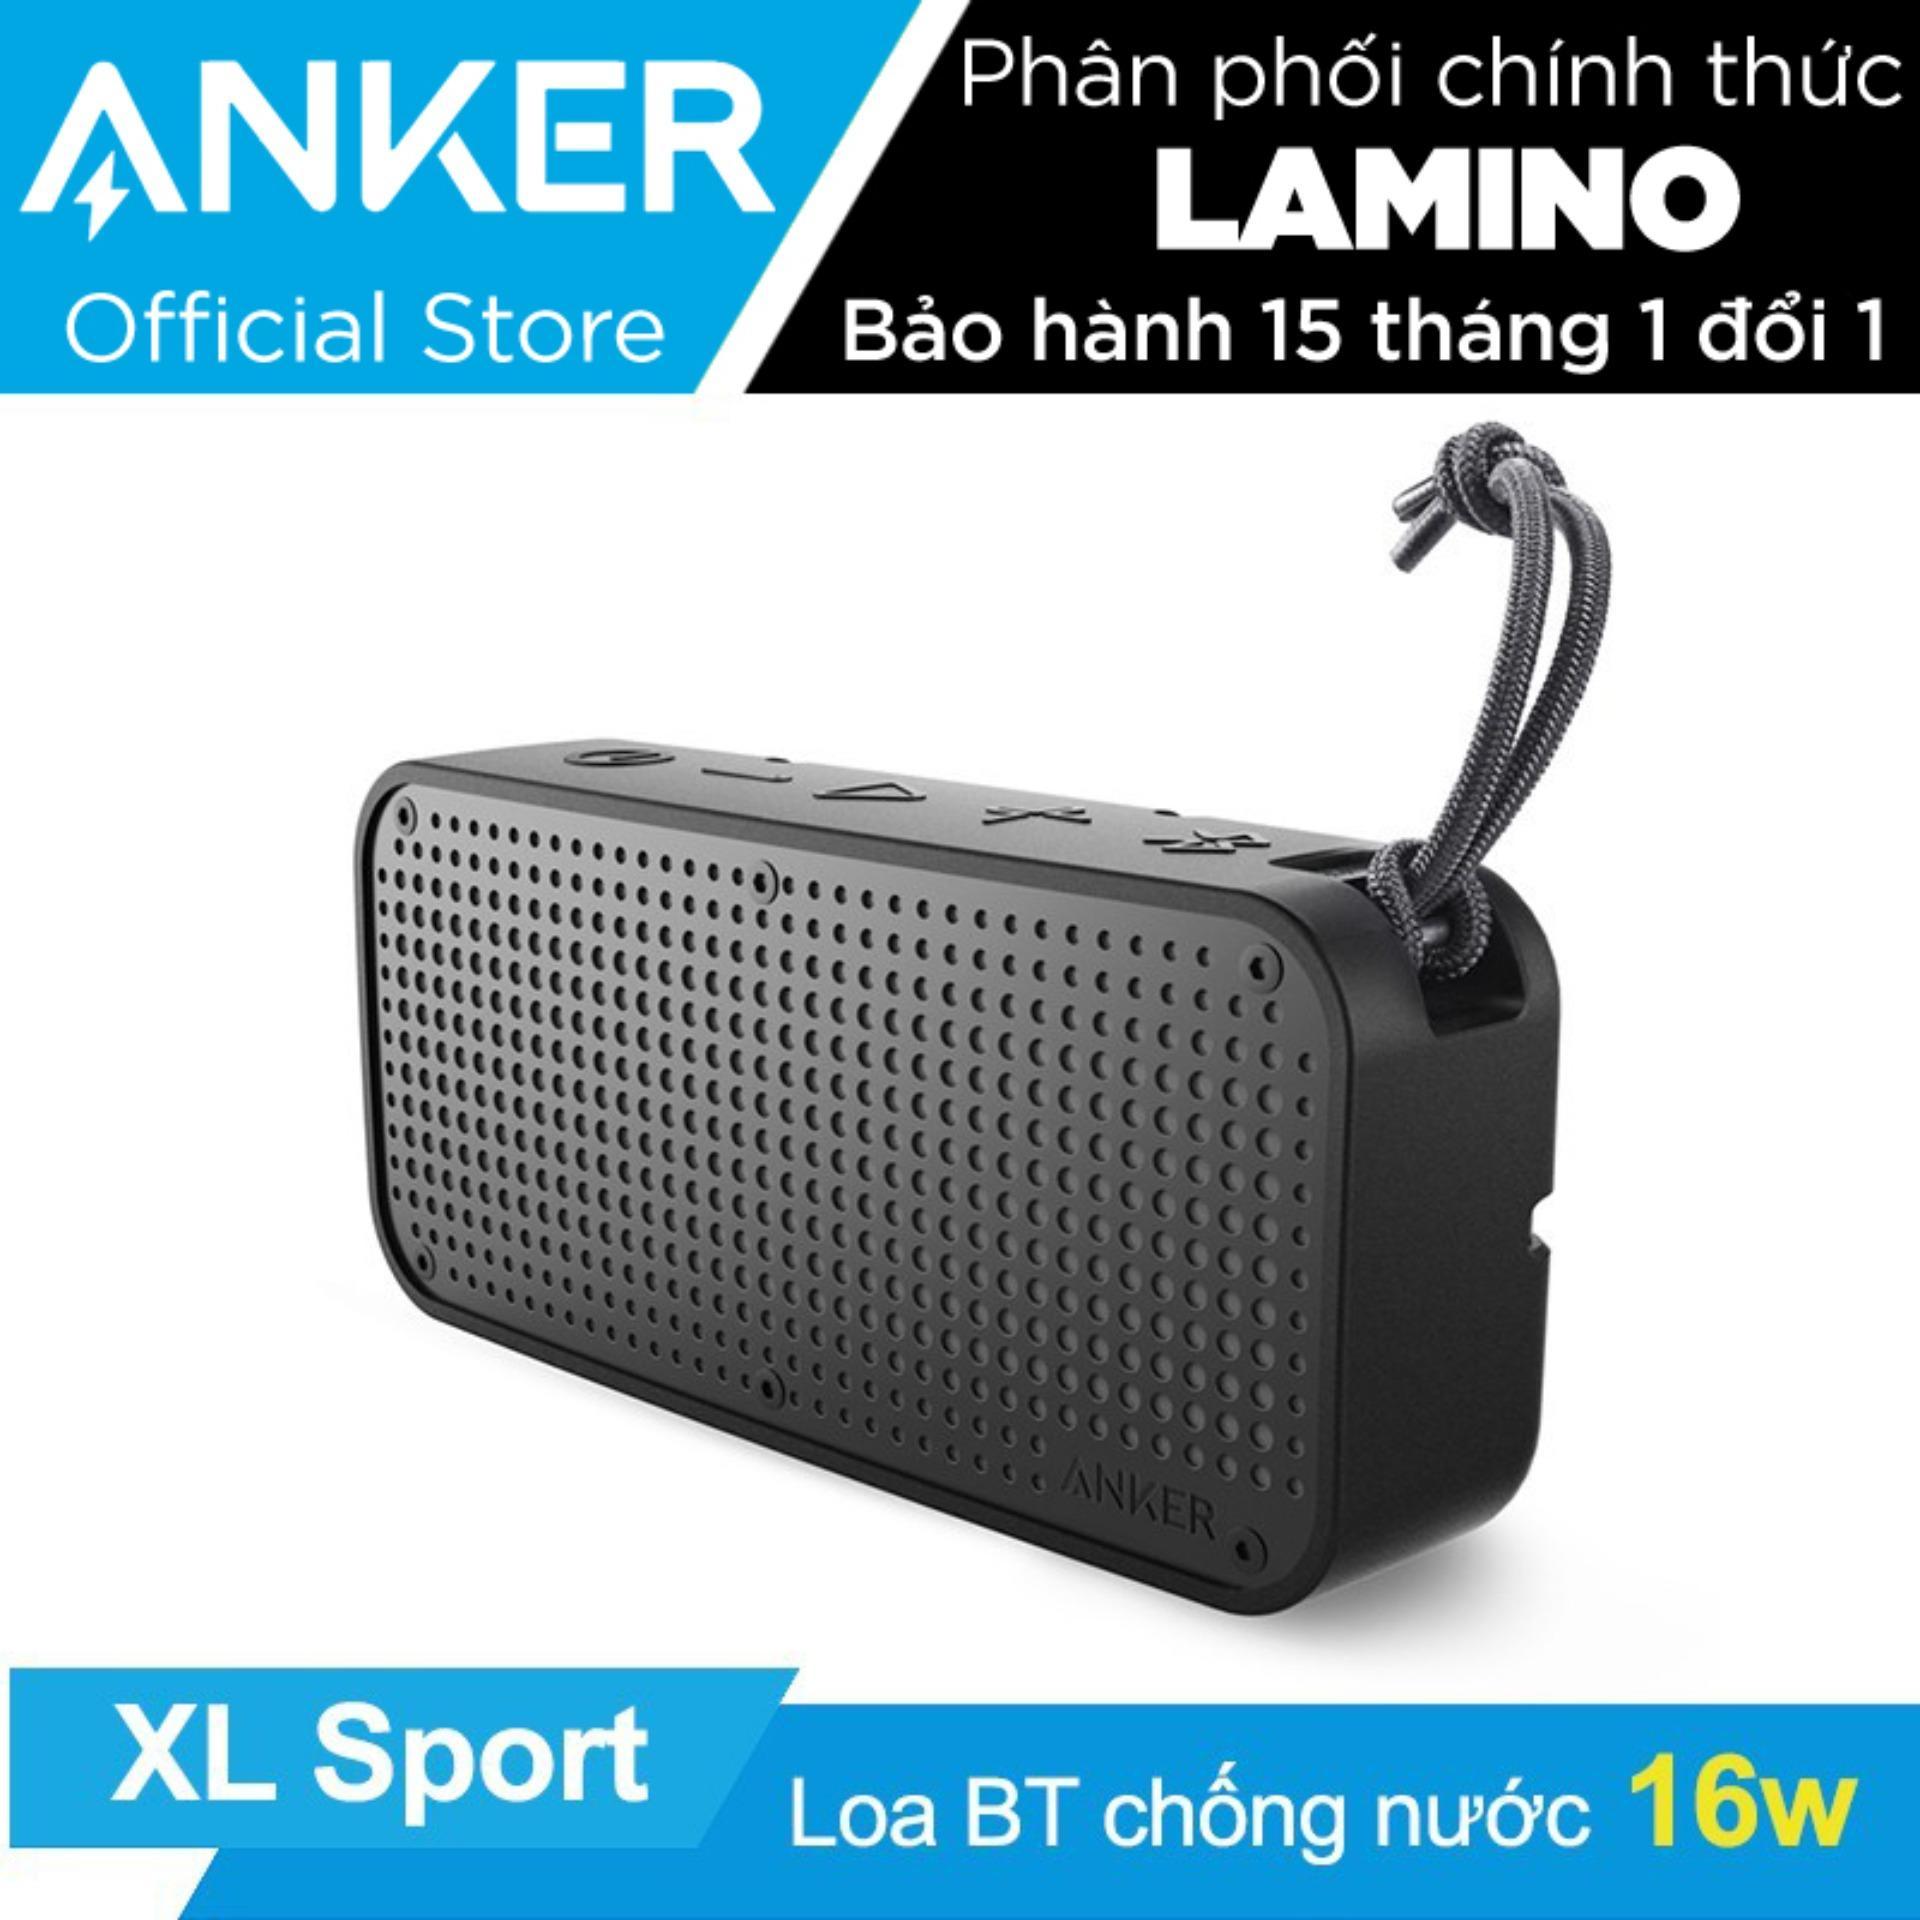 Bán Loa Di Động Bluetooth Chống Nước Anker Soundcore Sport Xl Đen Hang Phan Phối Chinh Thức Rẻ